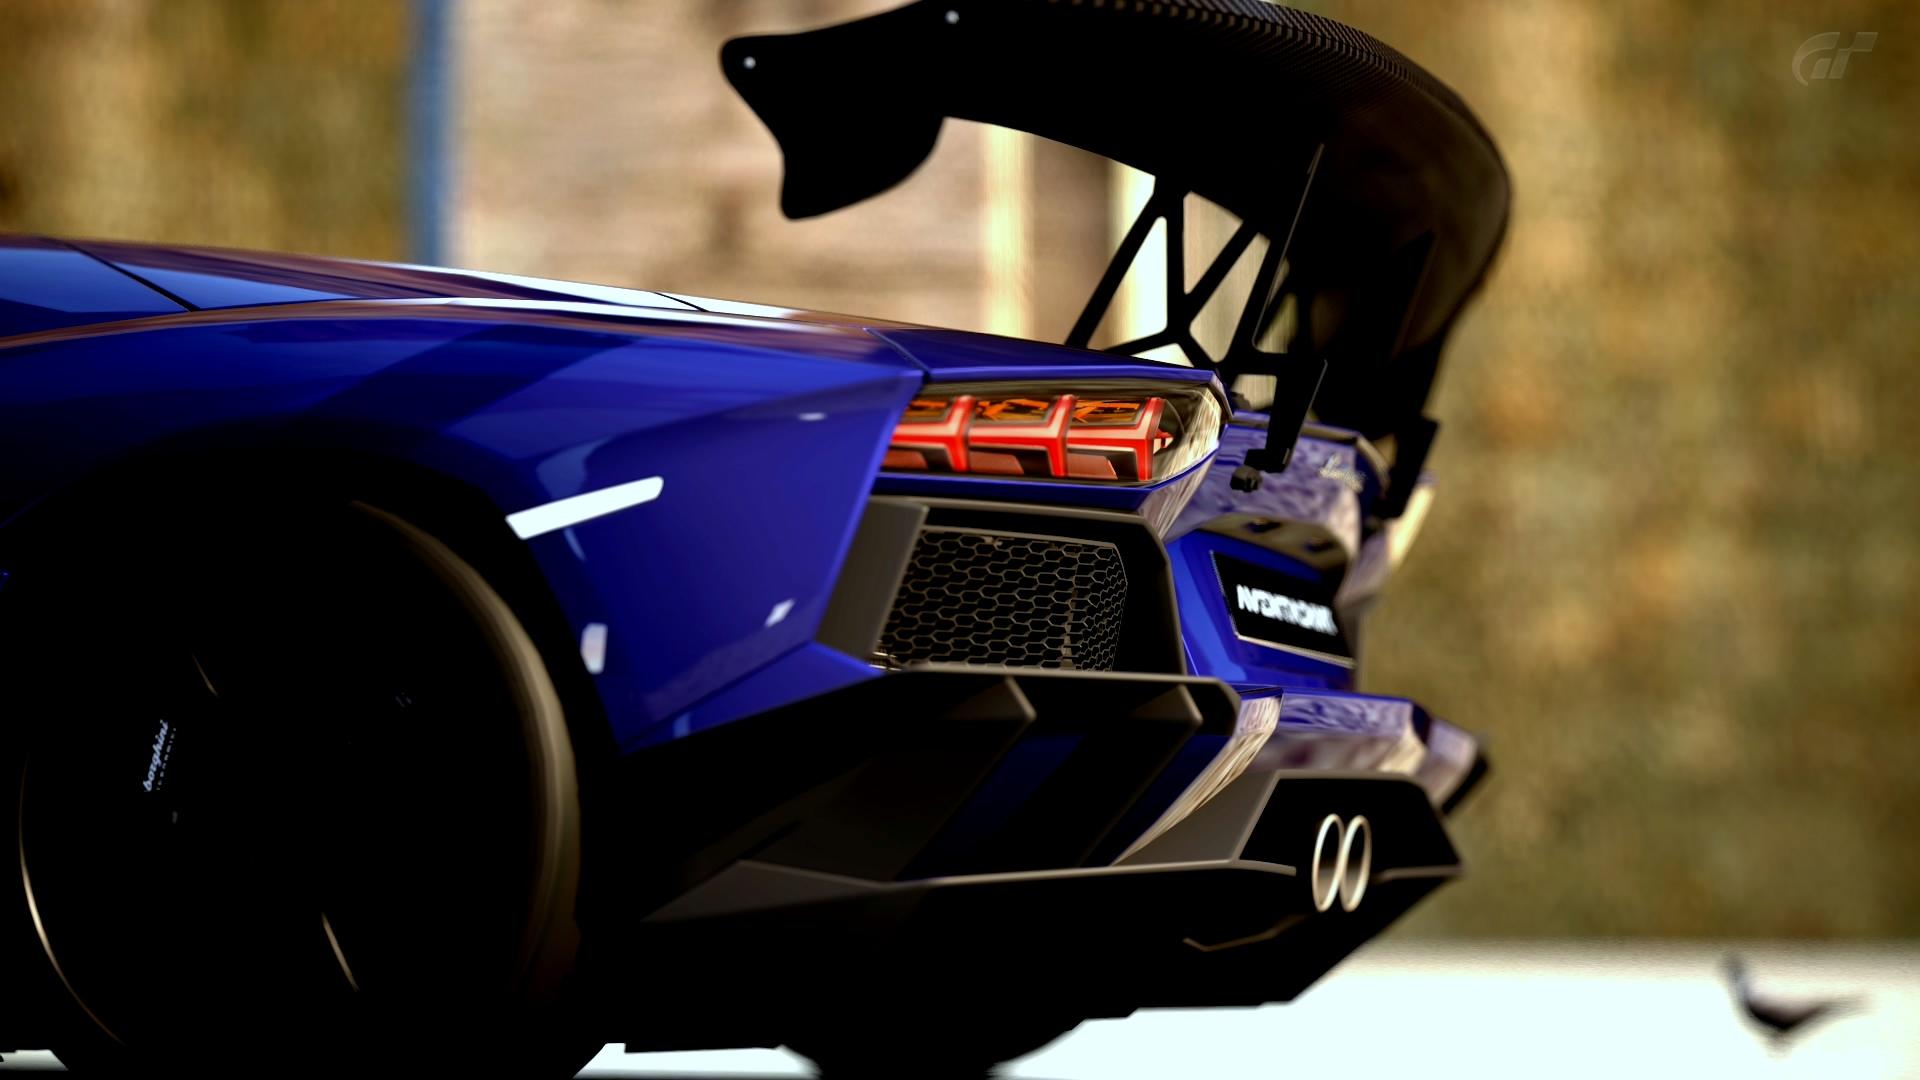 споротивный автомобиль Lamborghini Aventador  № 2430042 бесплатно